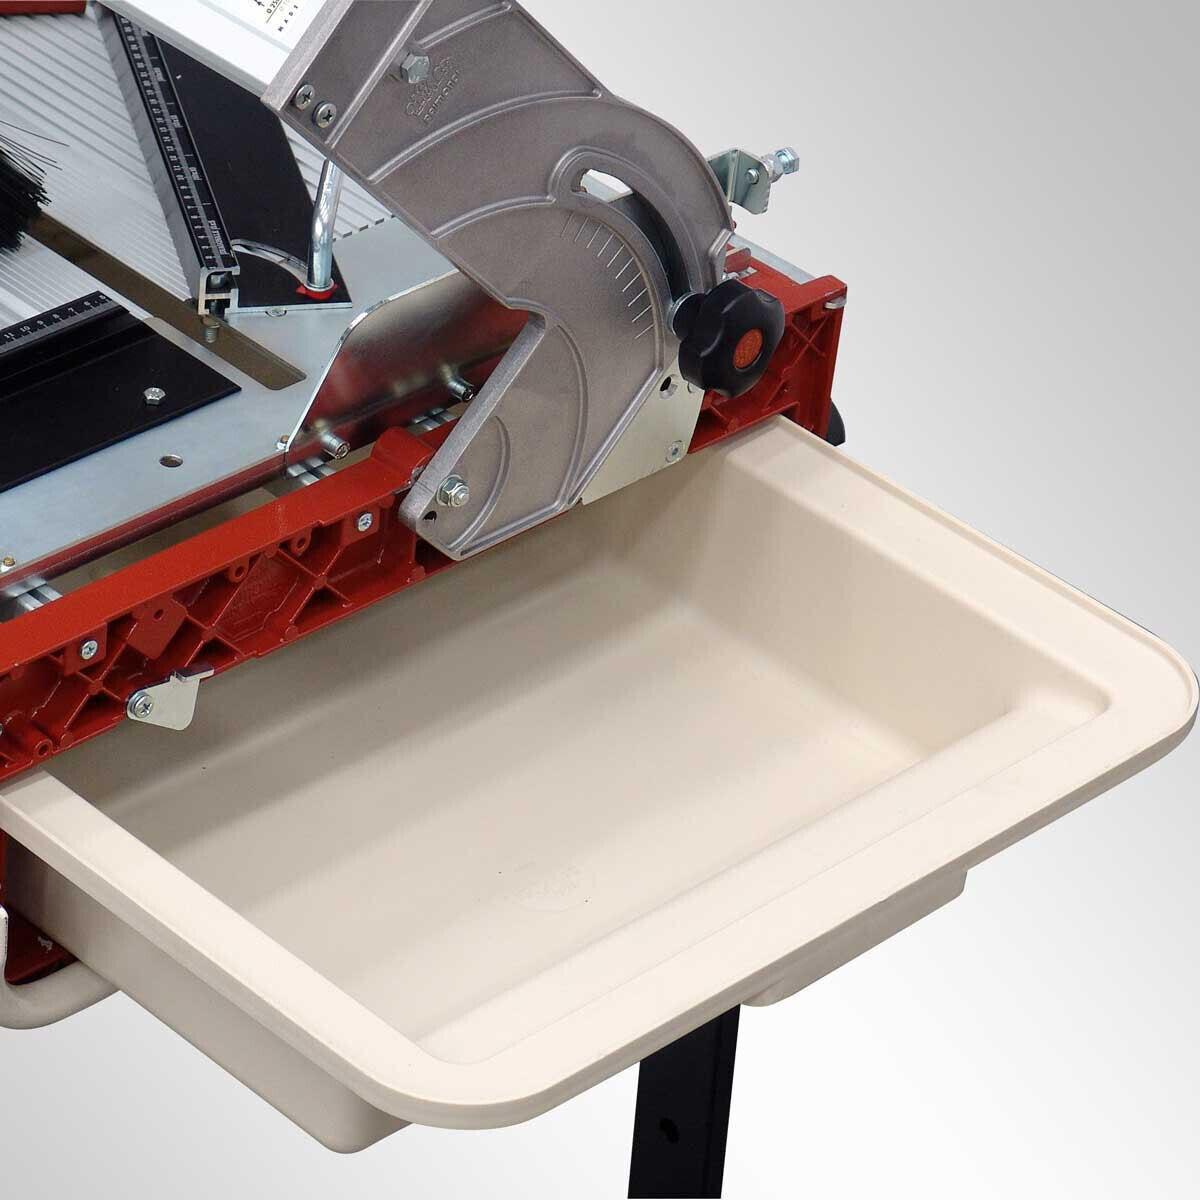 Raimondi Gladiator Advance 85 Rail Saw water tray